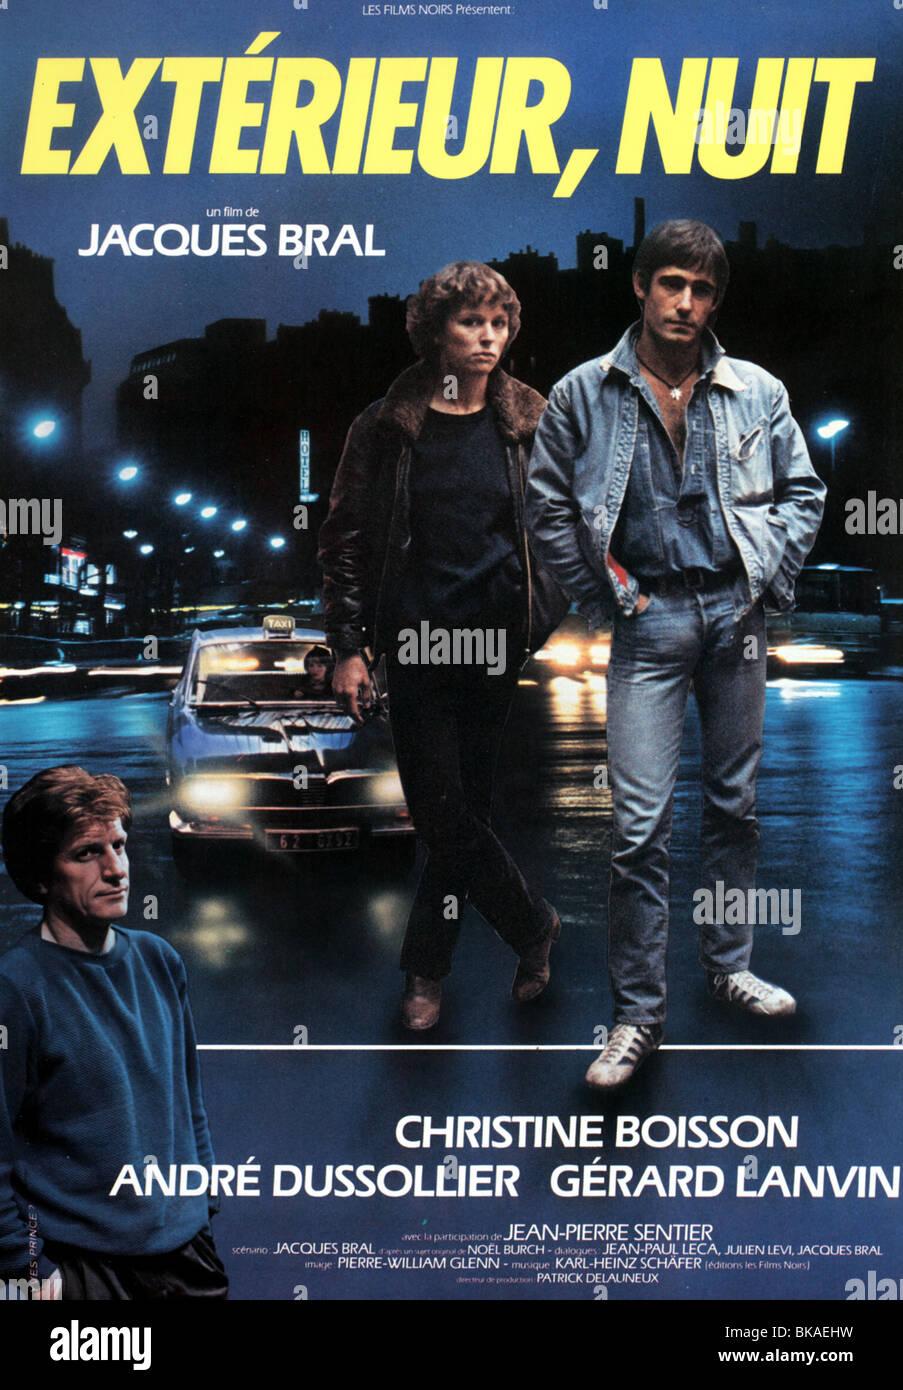 Christine boisson stockfotos christine boisson bilder for Exterieur nuit film